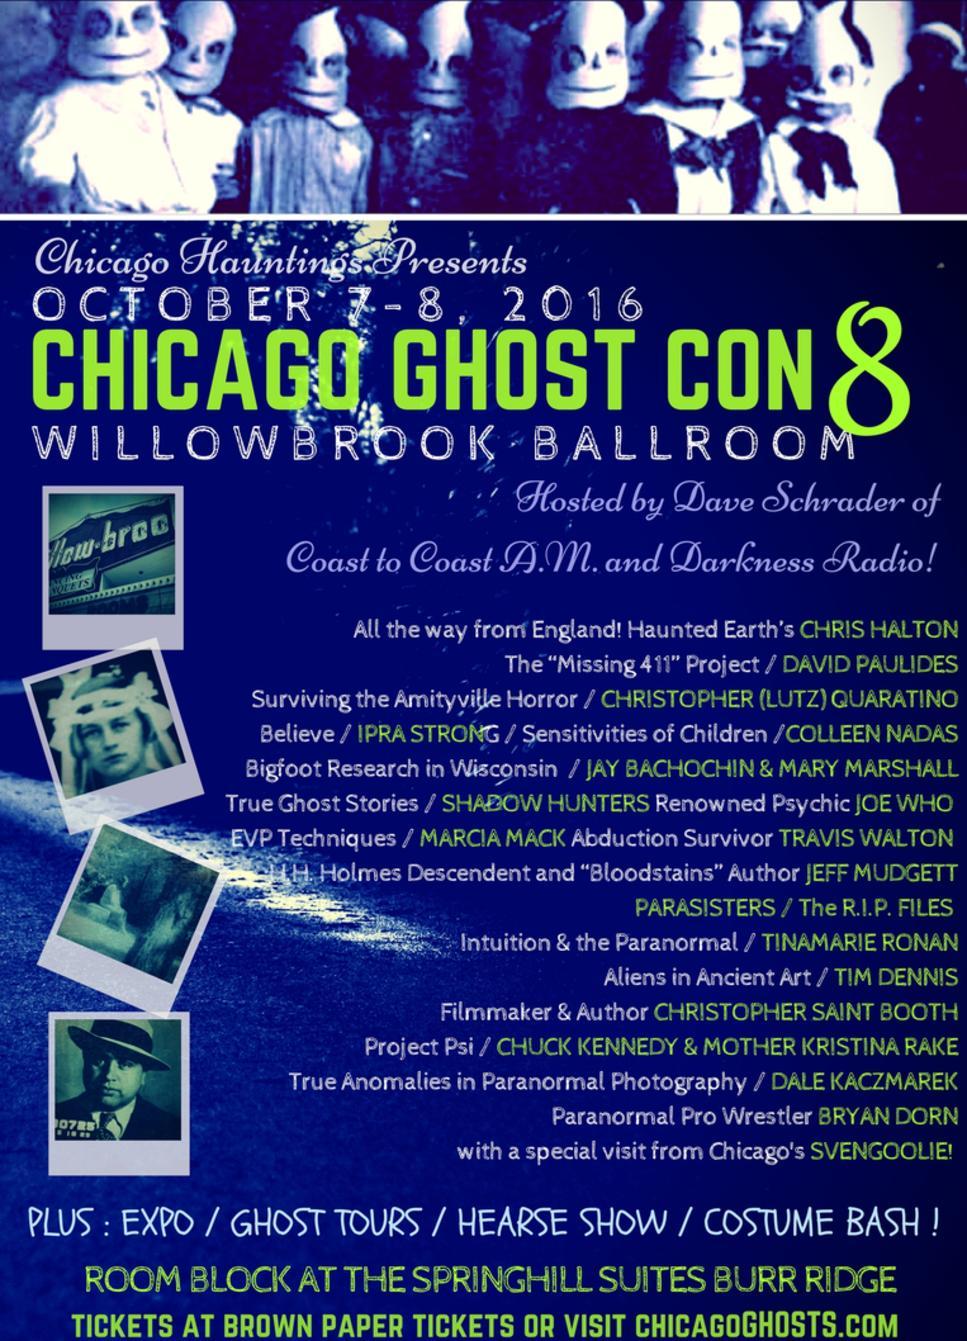 Ghost Con 8